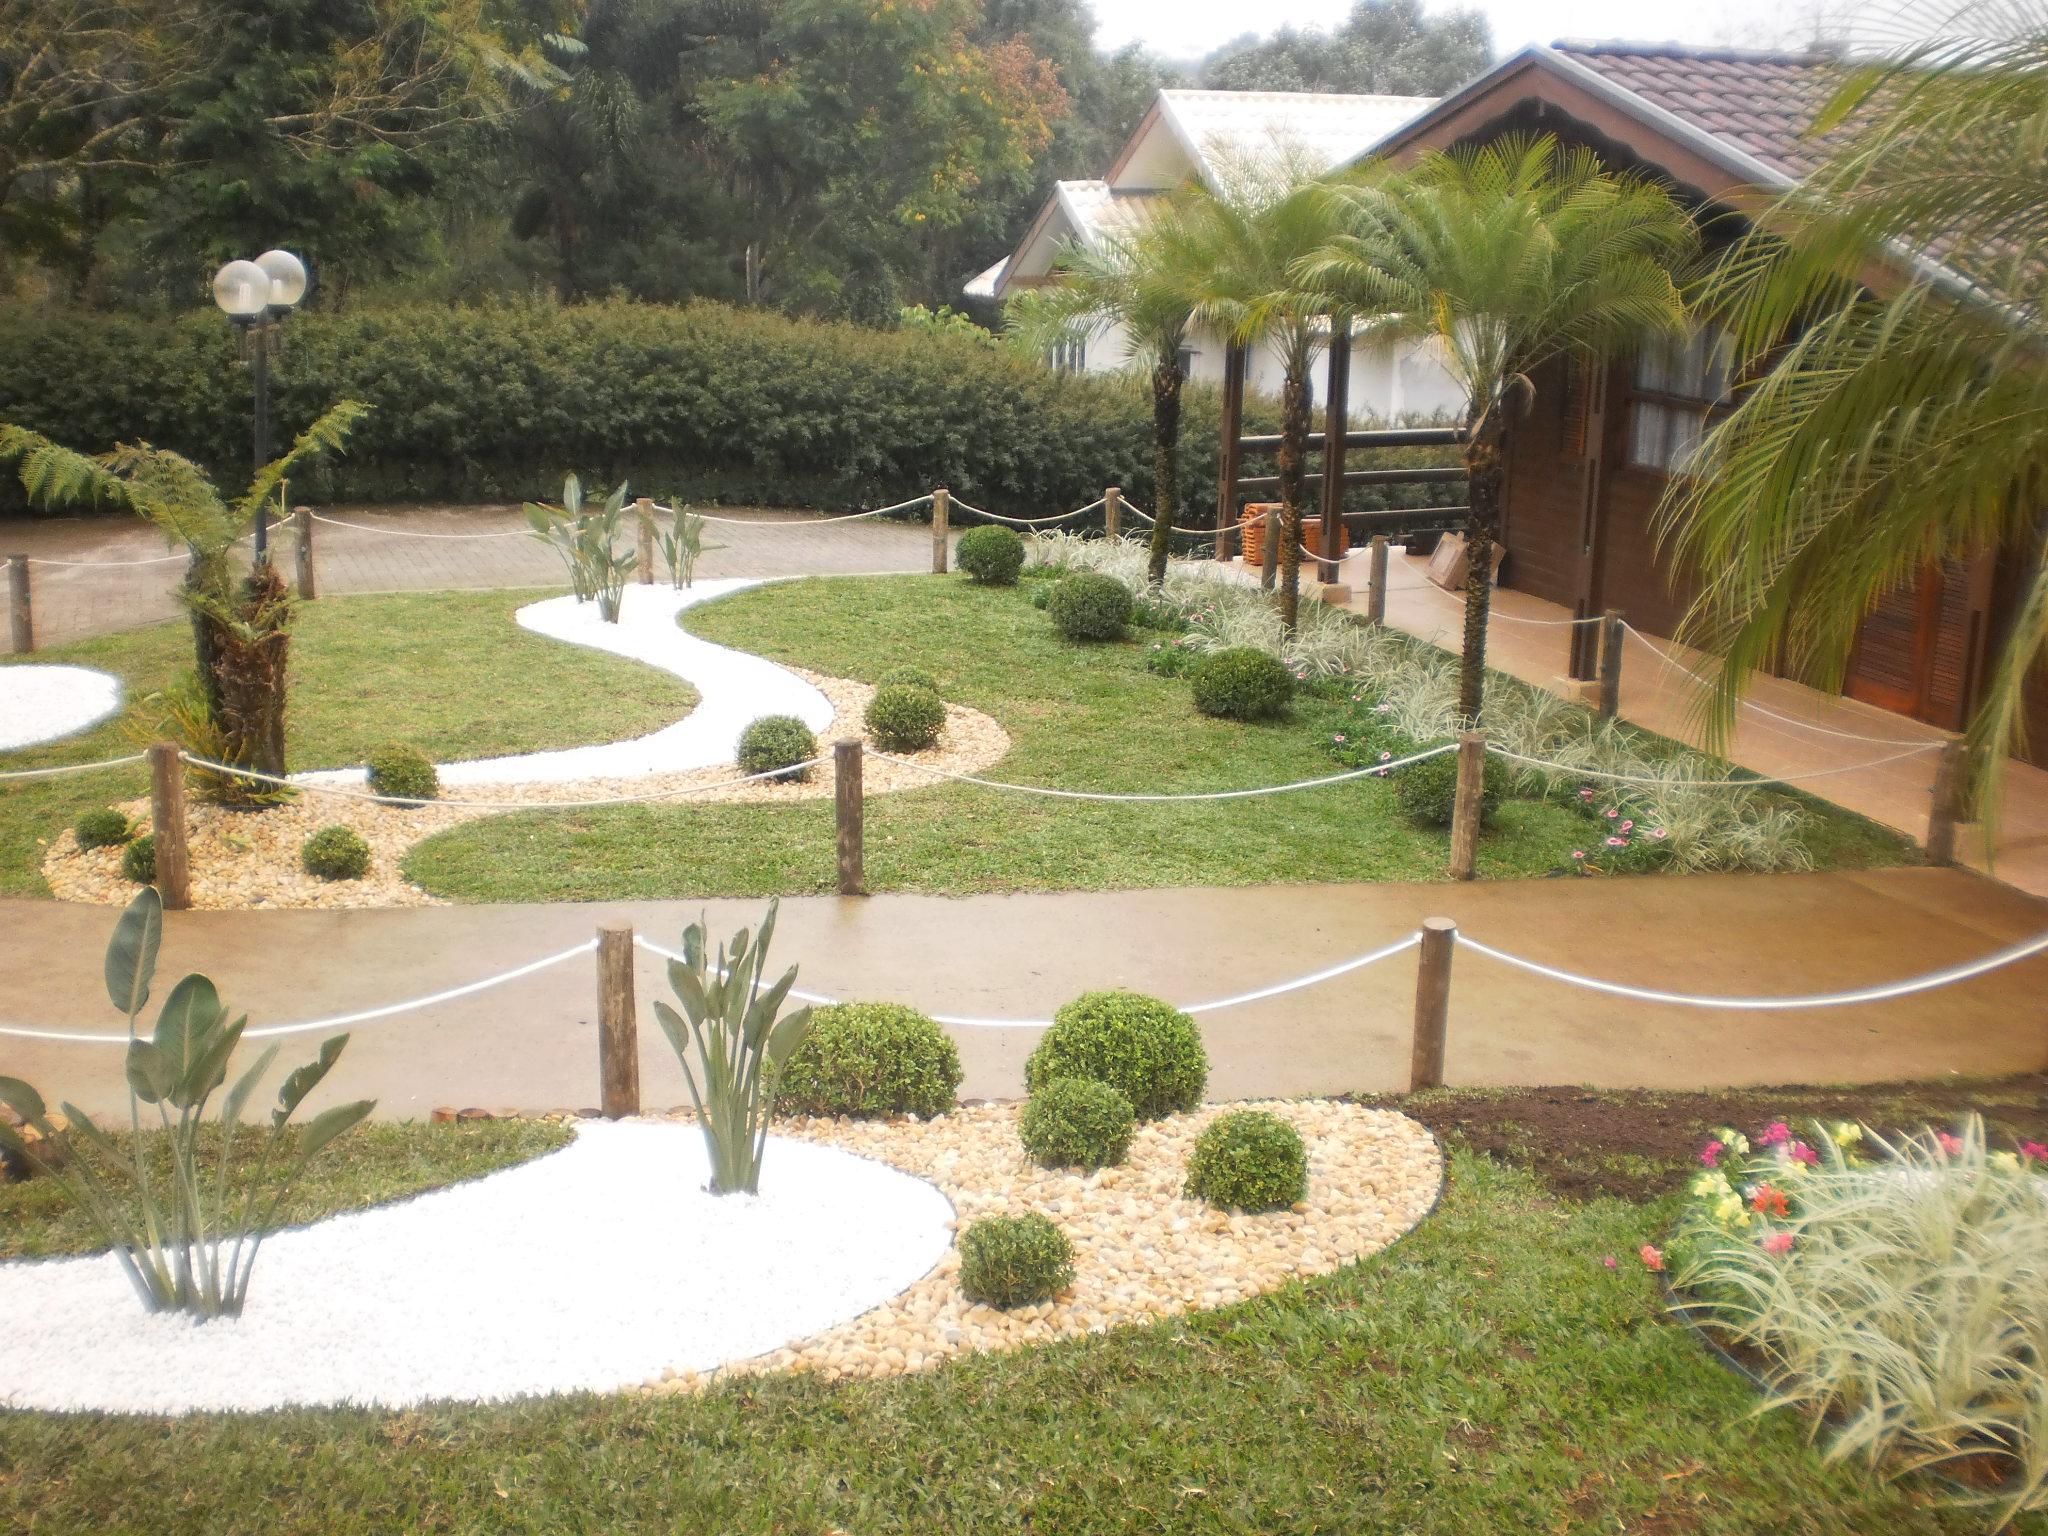 Jardim de seixo e pedrisco na decoração de uma casa